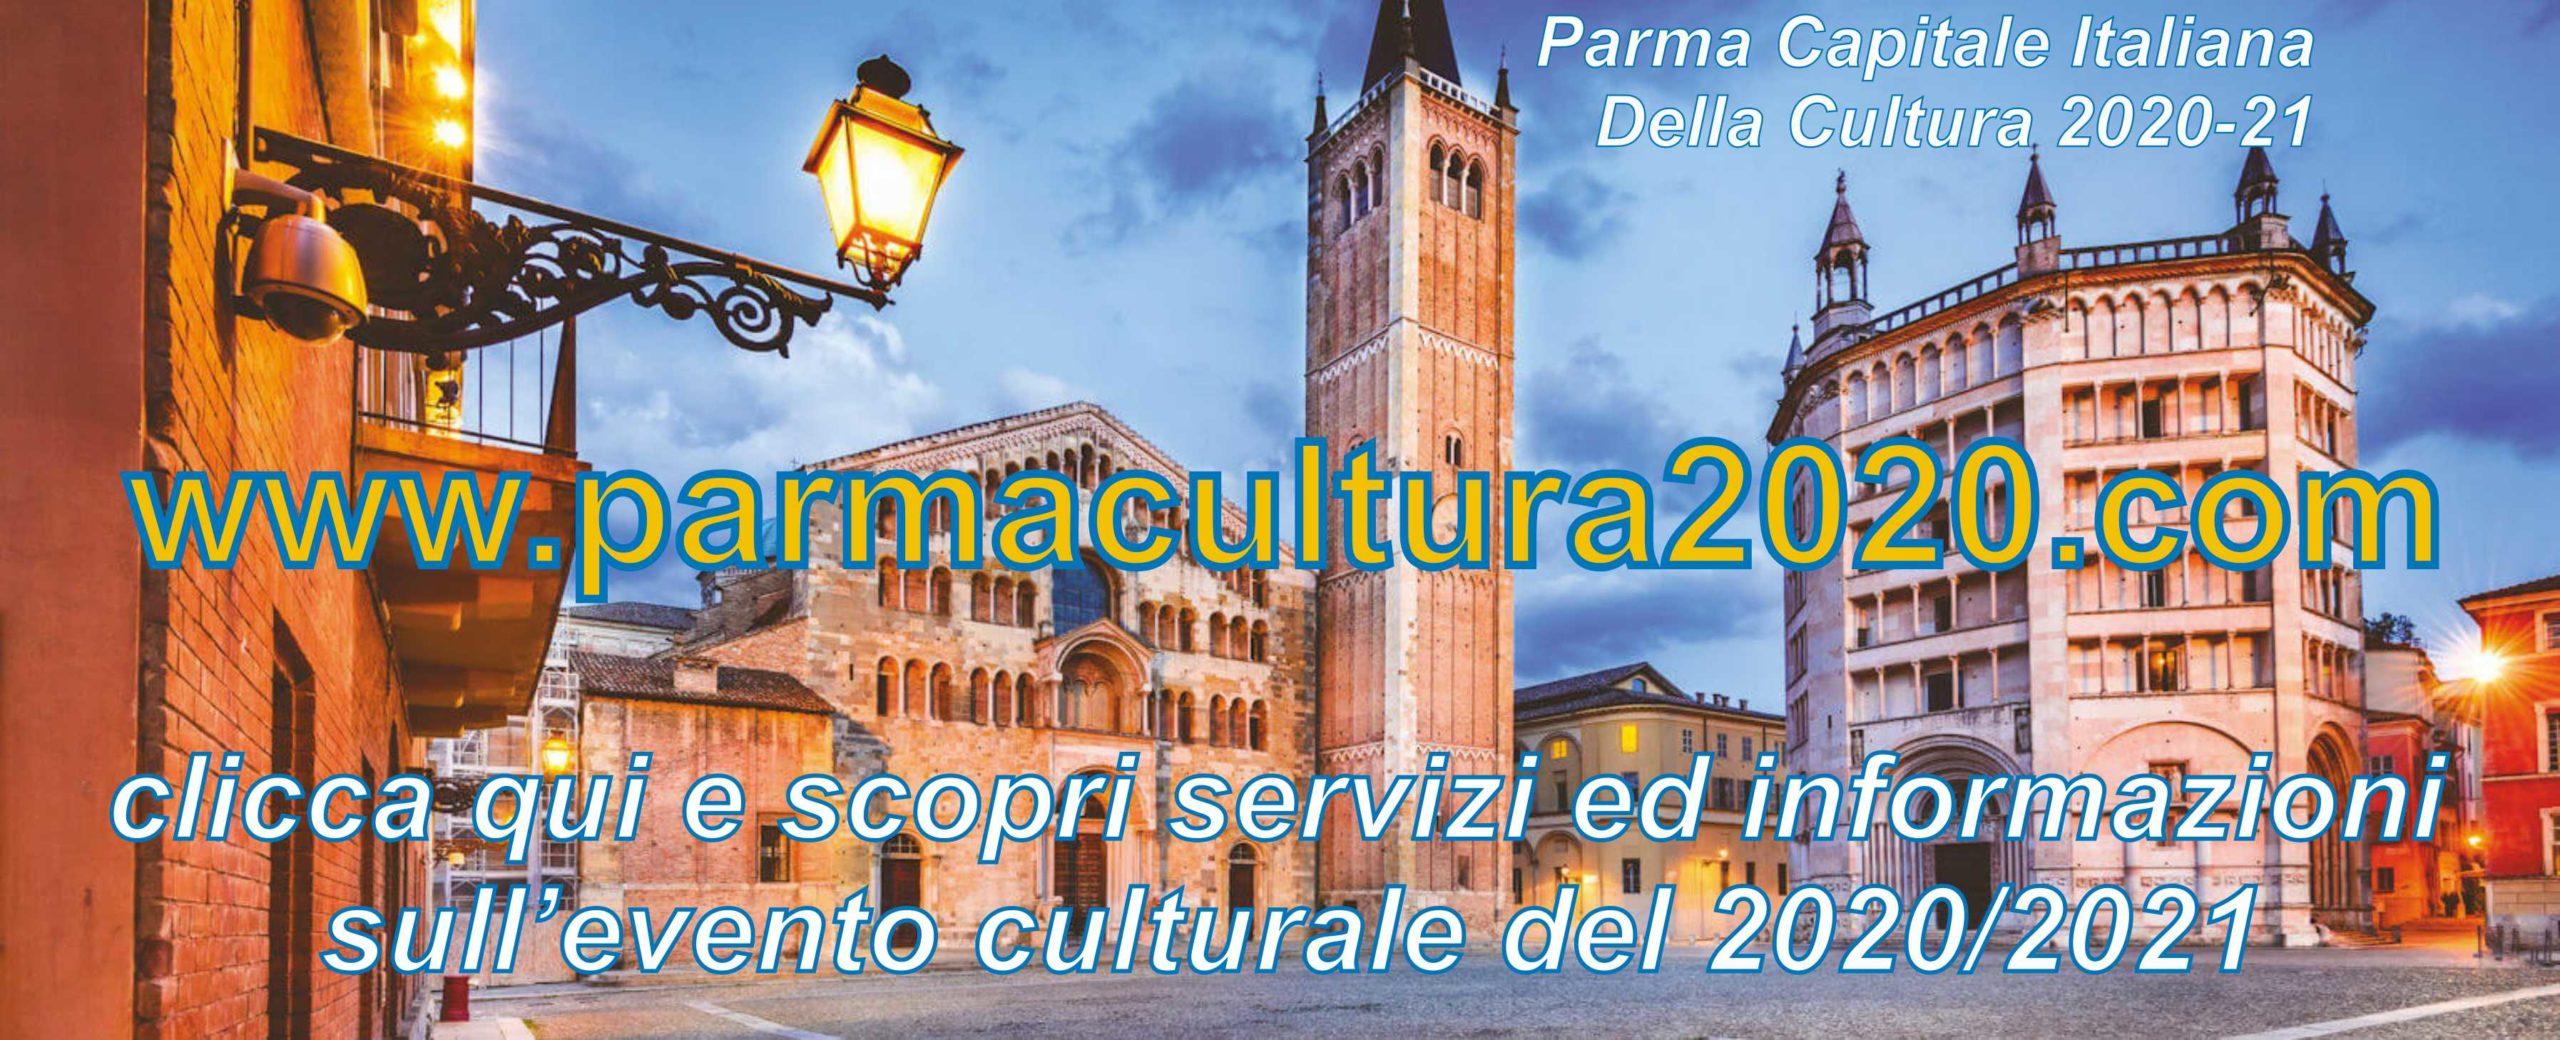 02 - Parma 2021